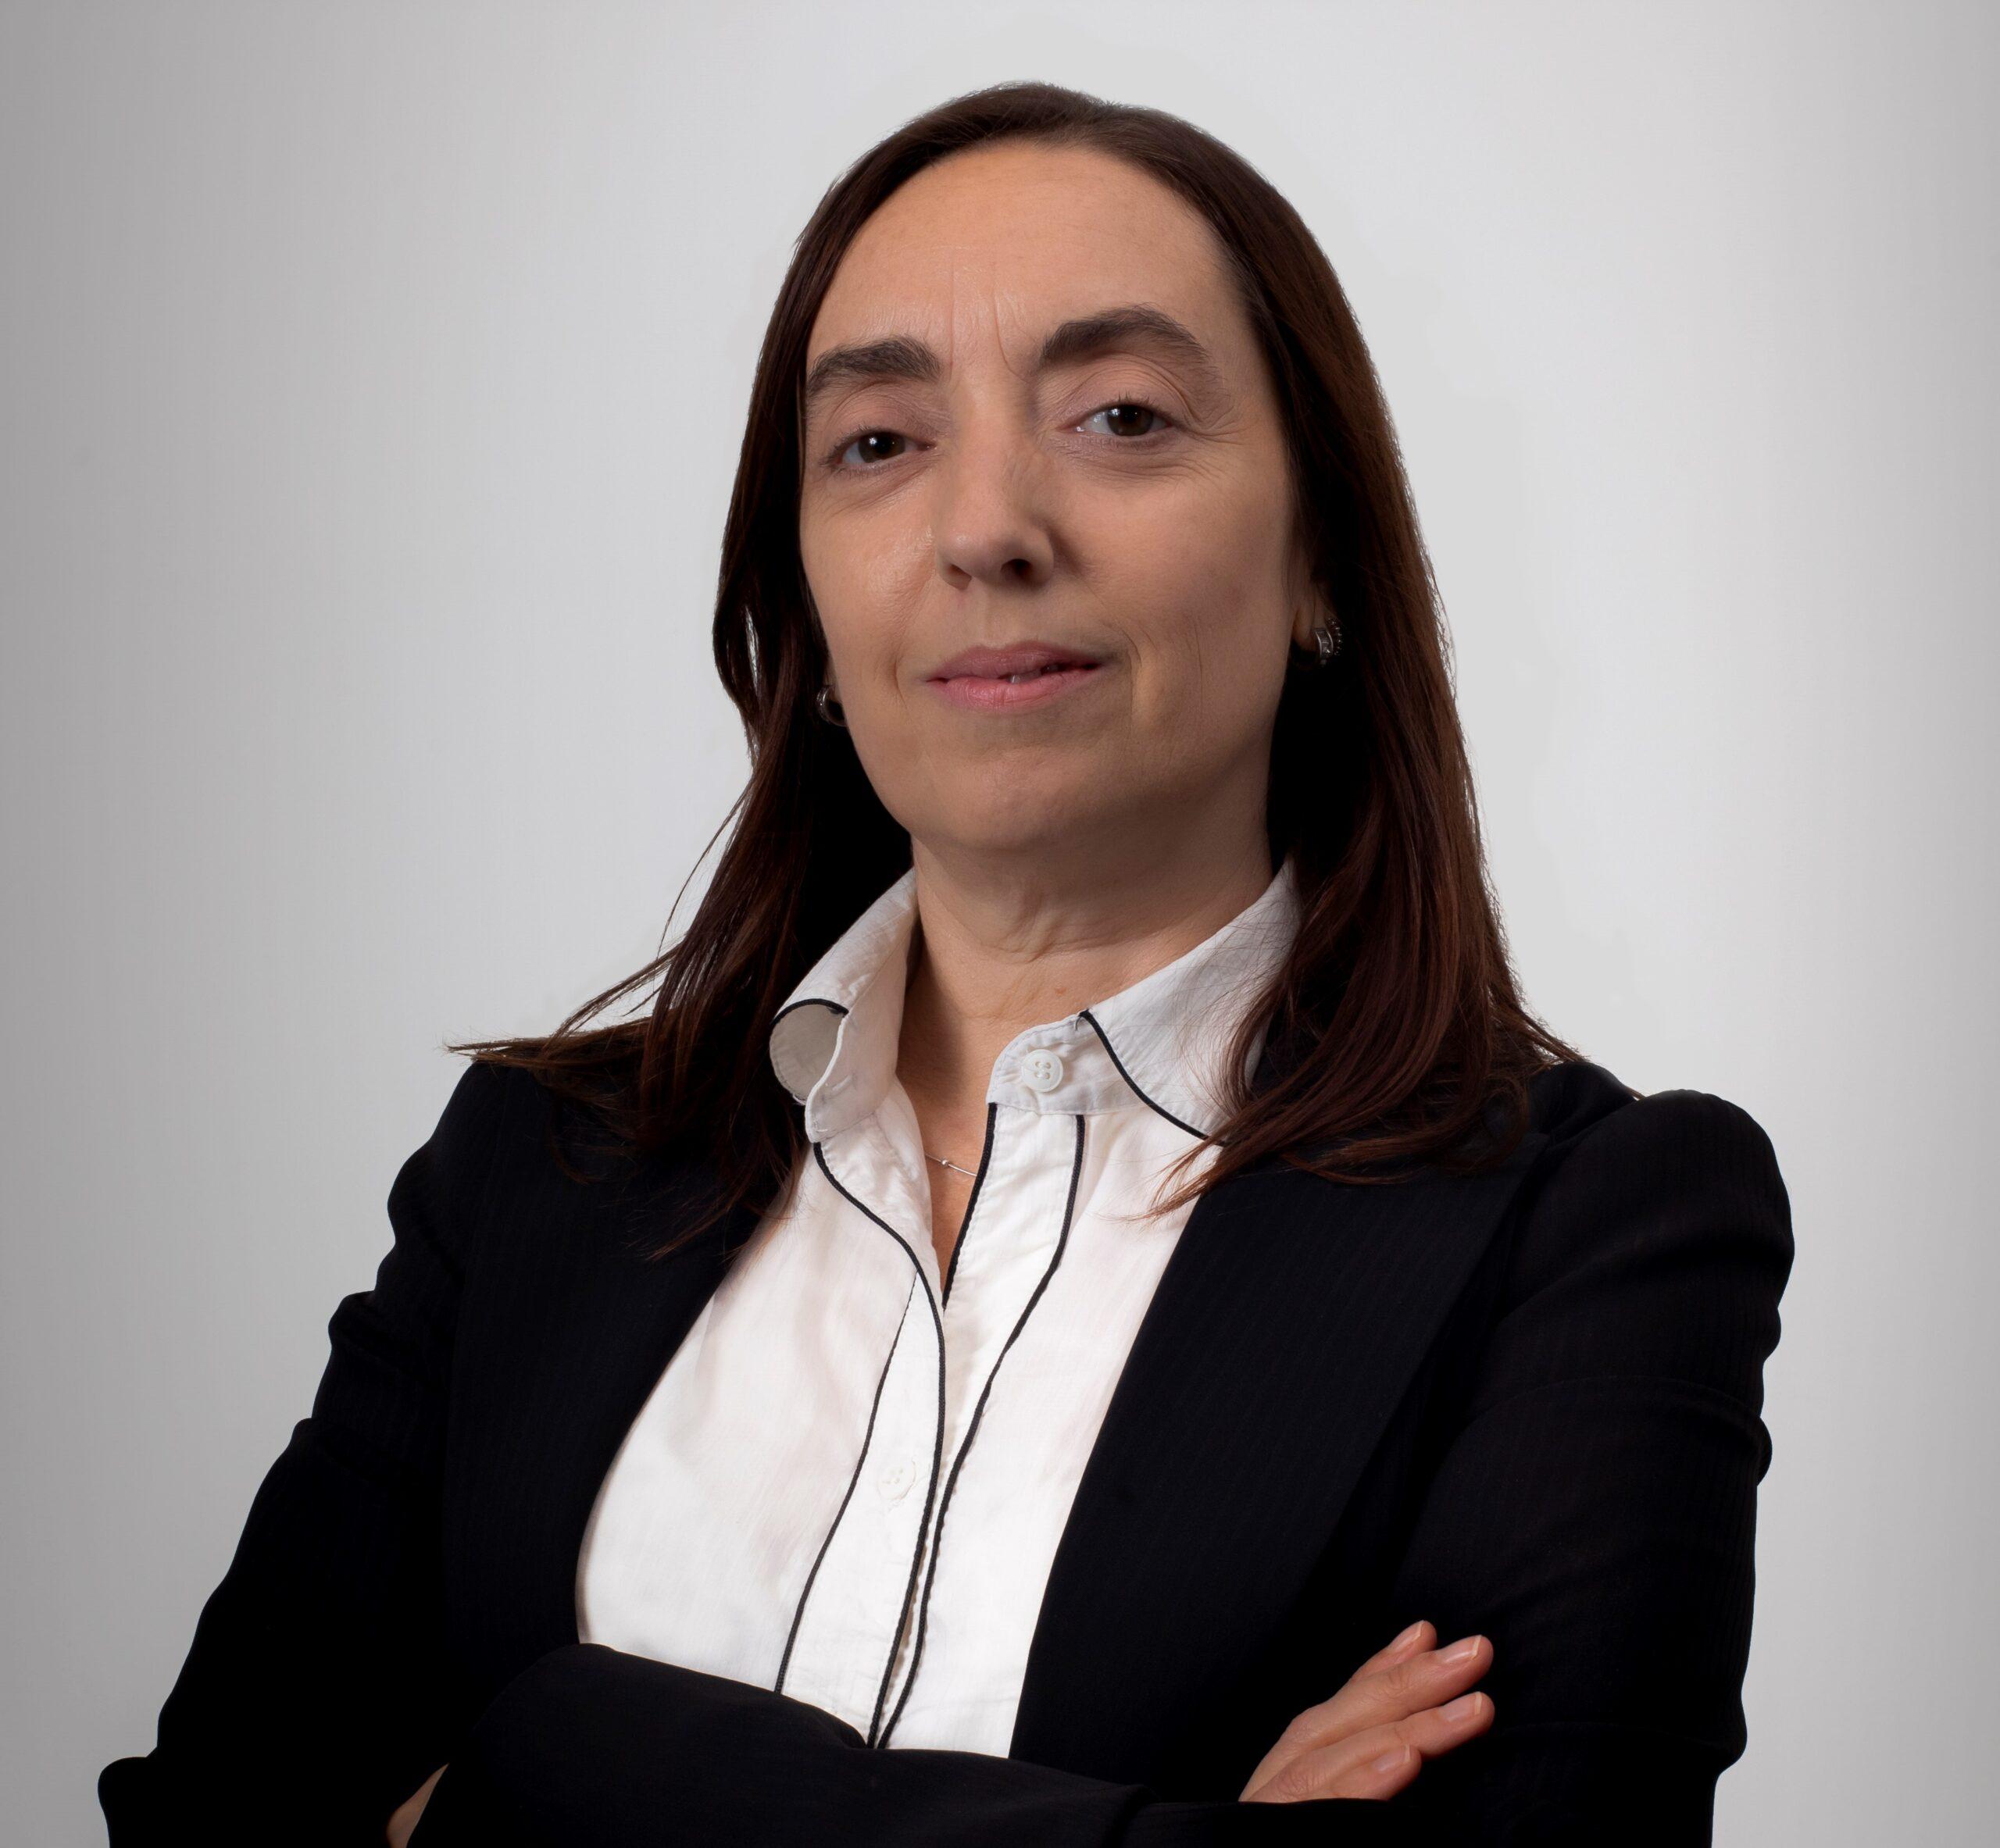 Mariana Lerace